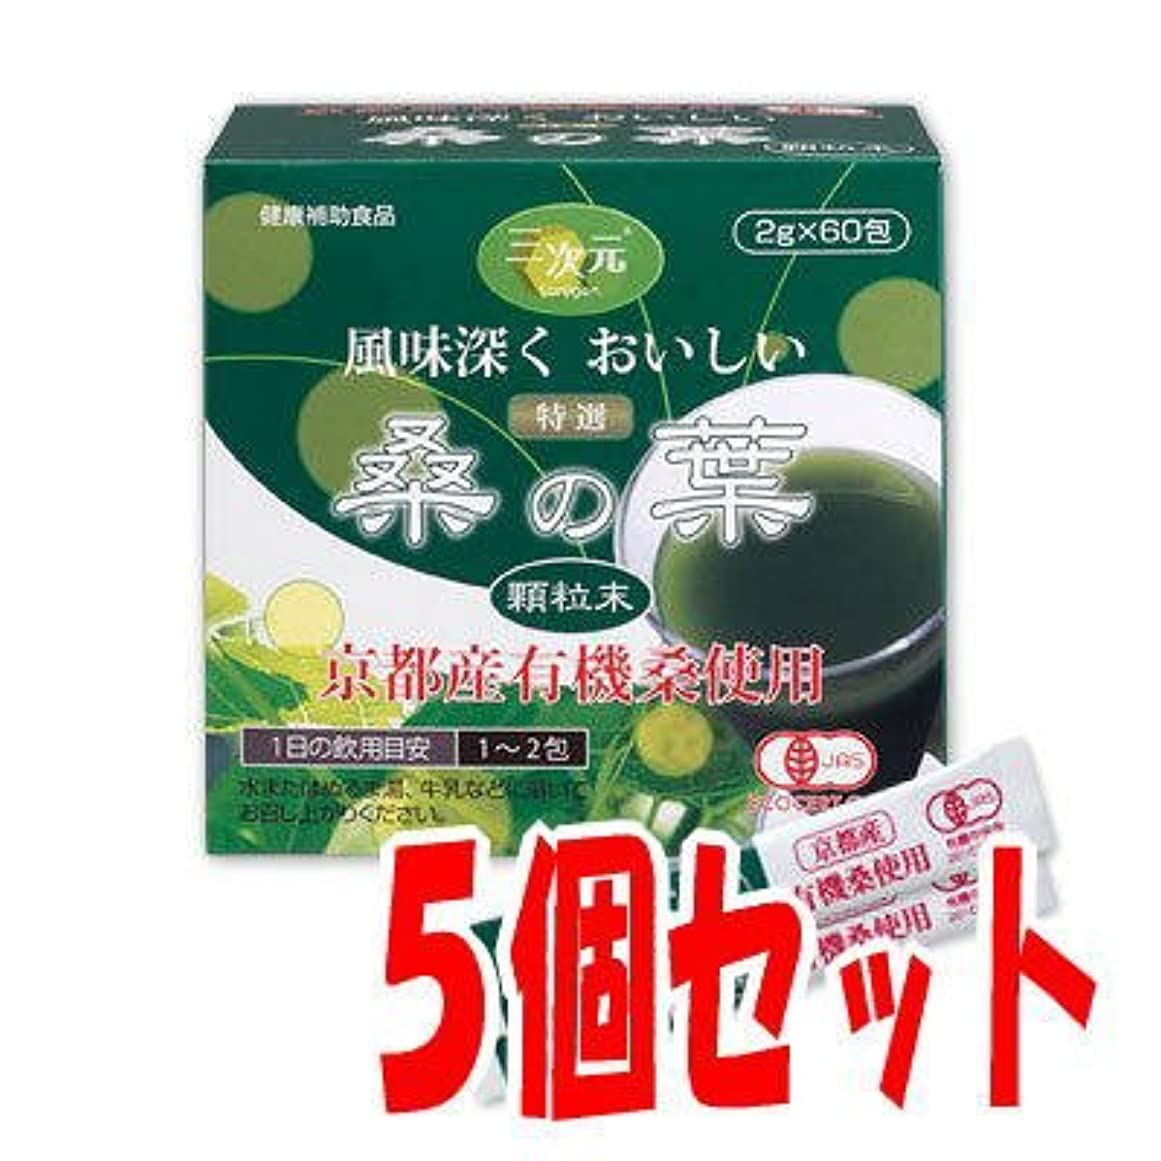 アカデミー見せます石膏特選「桑の葉」顆粒末1箱60包入×5箱セット 国産(京都産)有機桑使用 苦くなく風味深くおいしい青汁